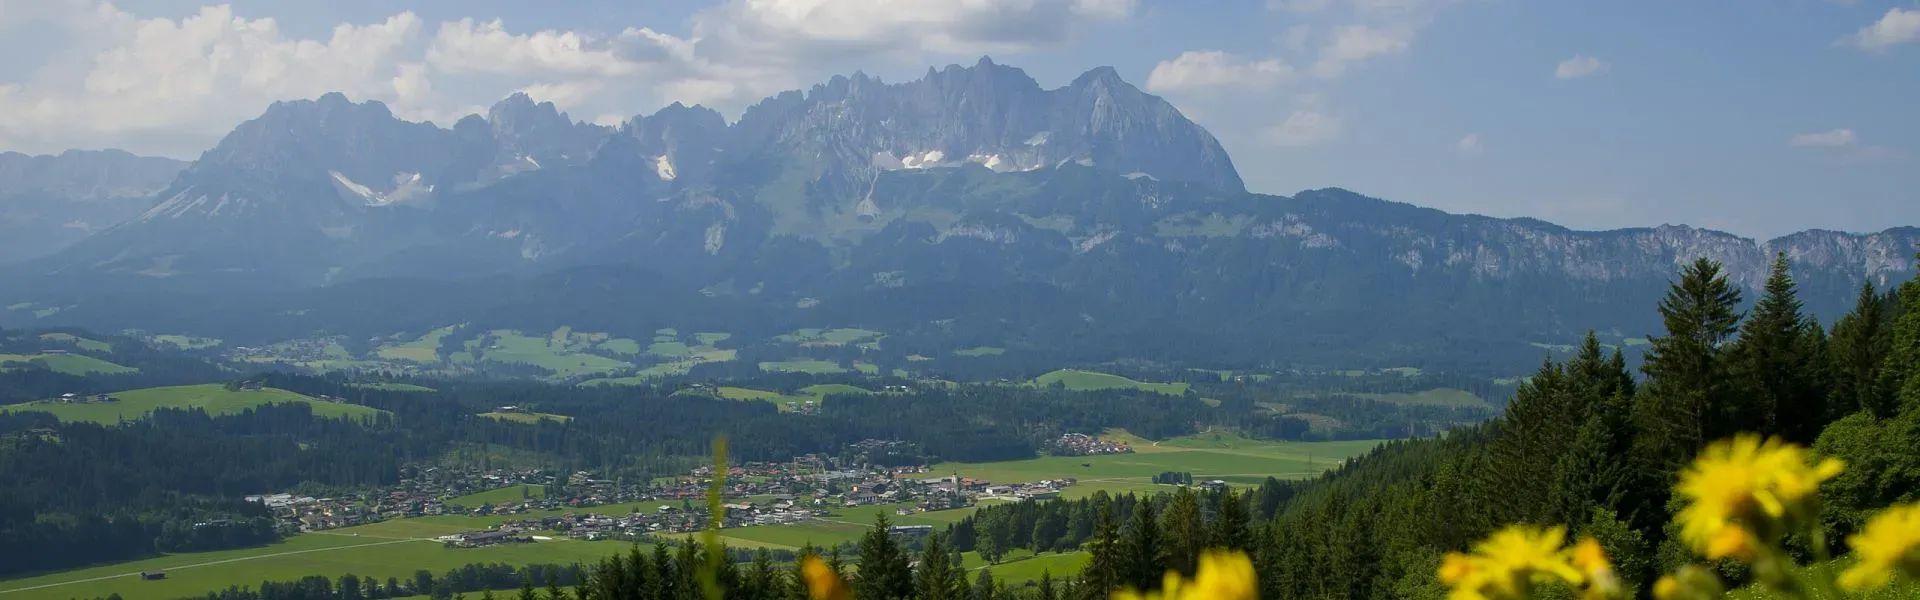 Hotel Penzinghof - Oberndorf in Tirol - in den Kitzbheler Alpen